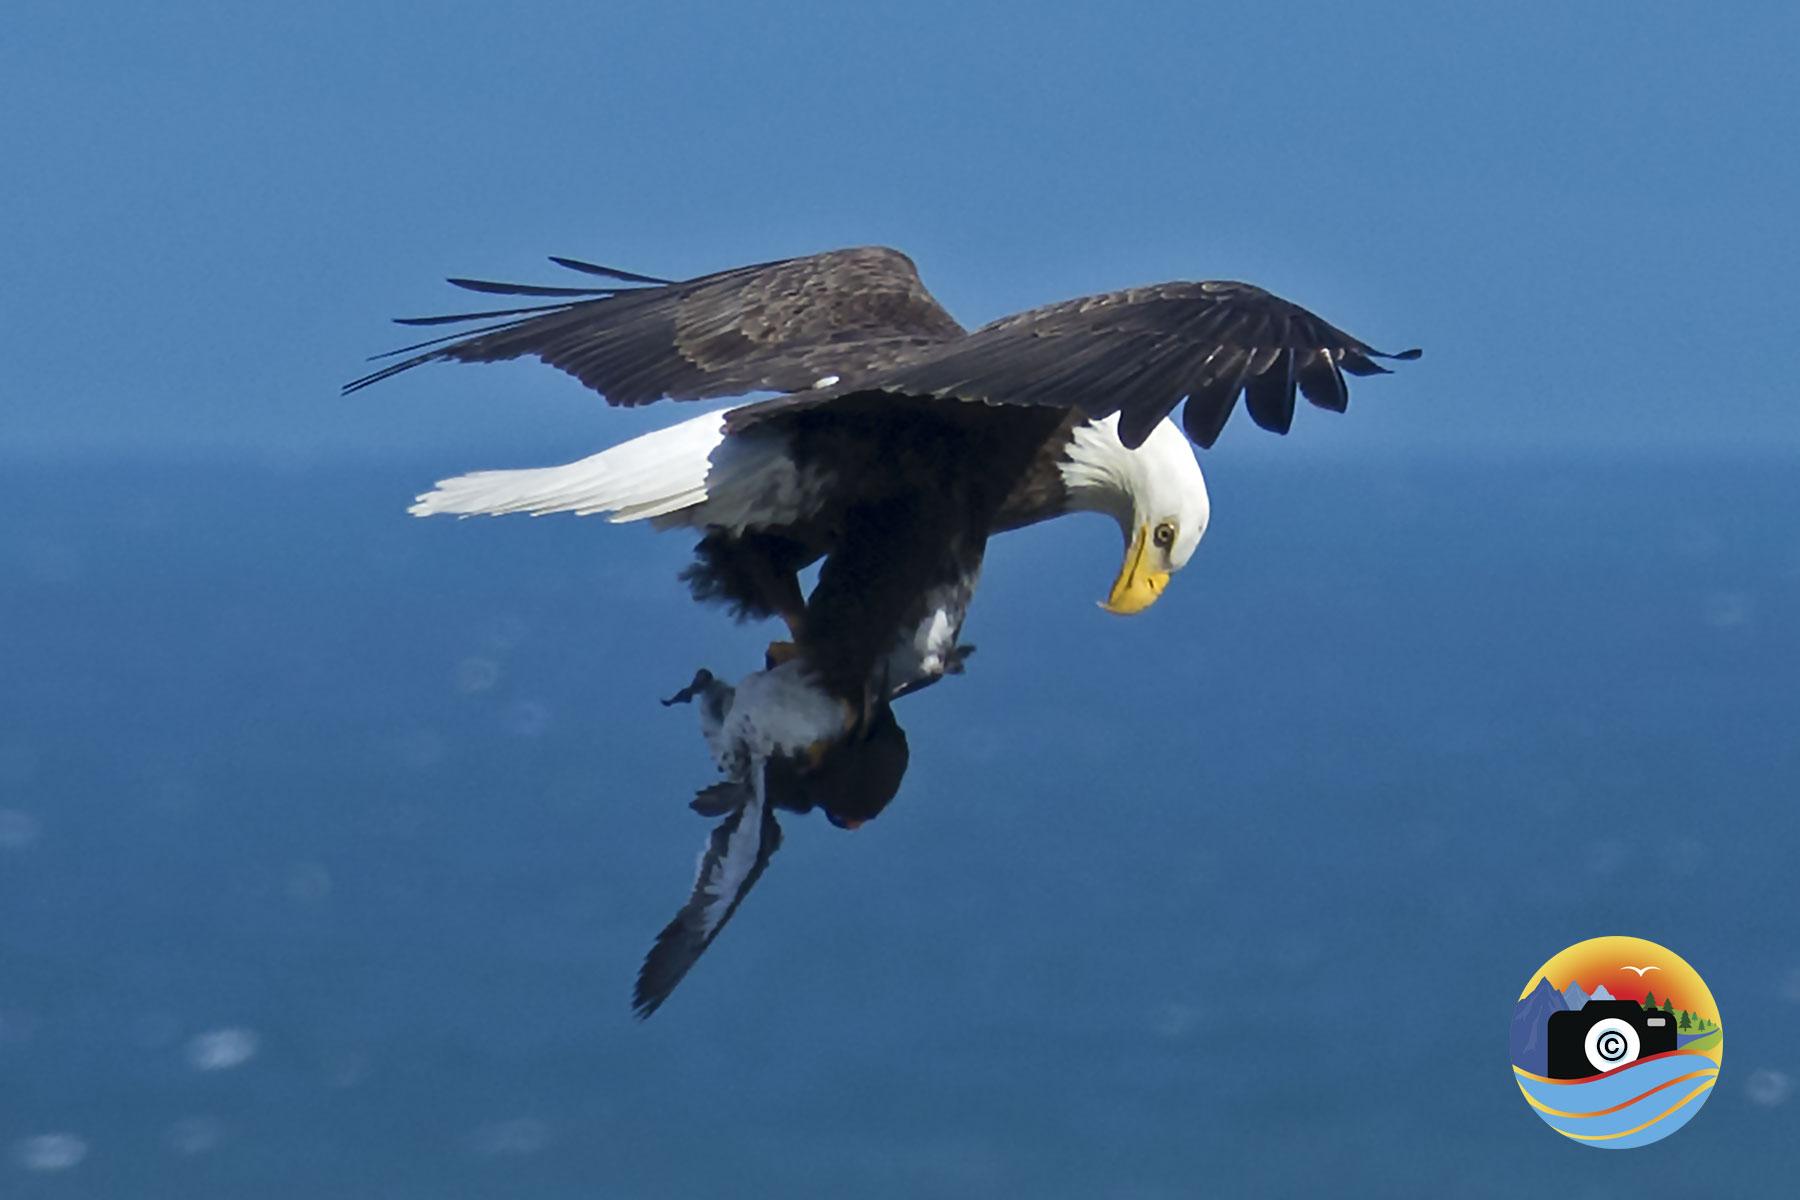 EAGLE-EATS-1